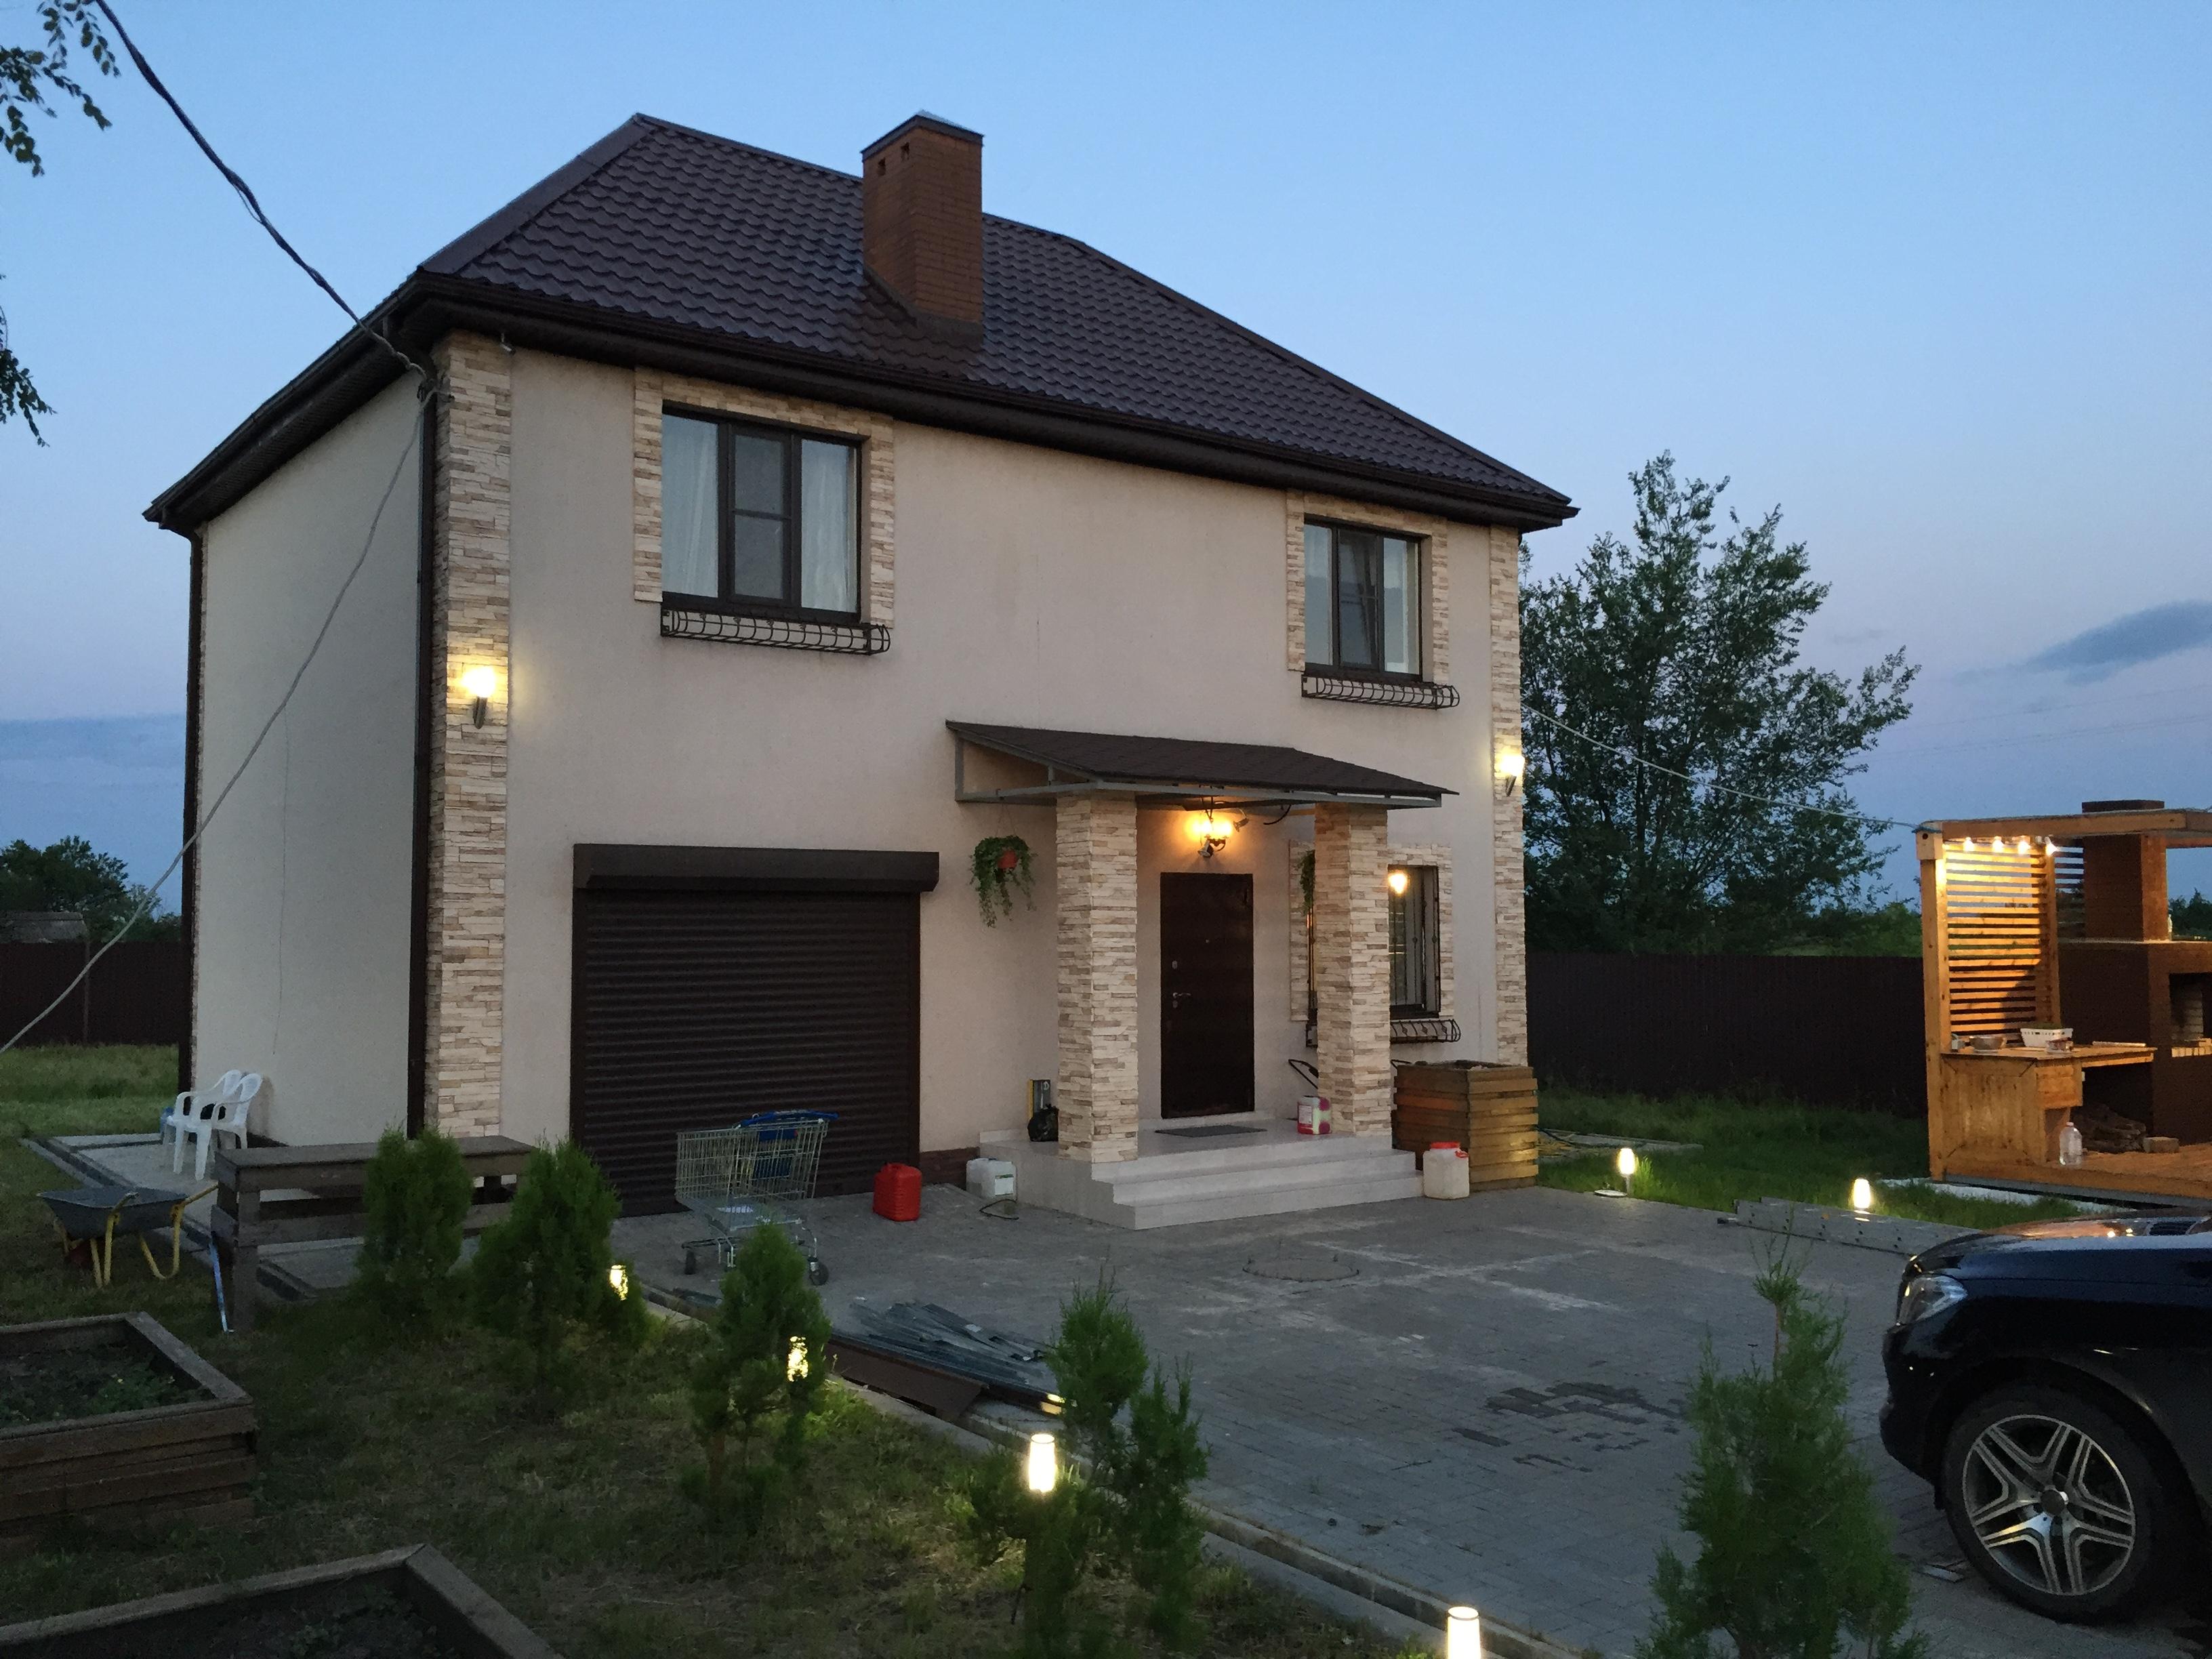 Ремонт квартир под ключ в Москве: цены за квадратный метр